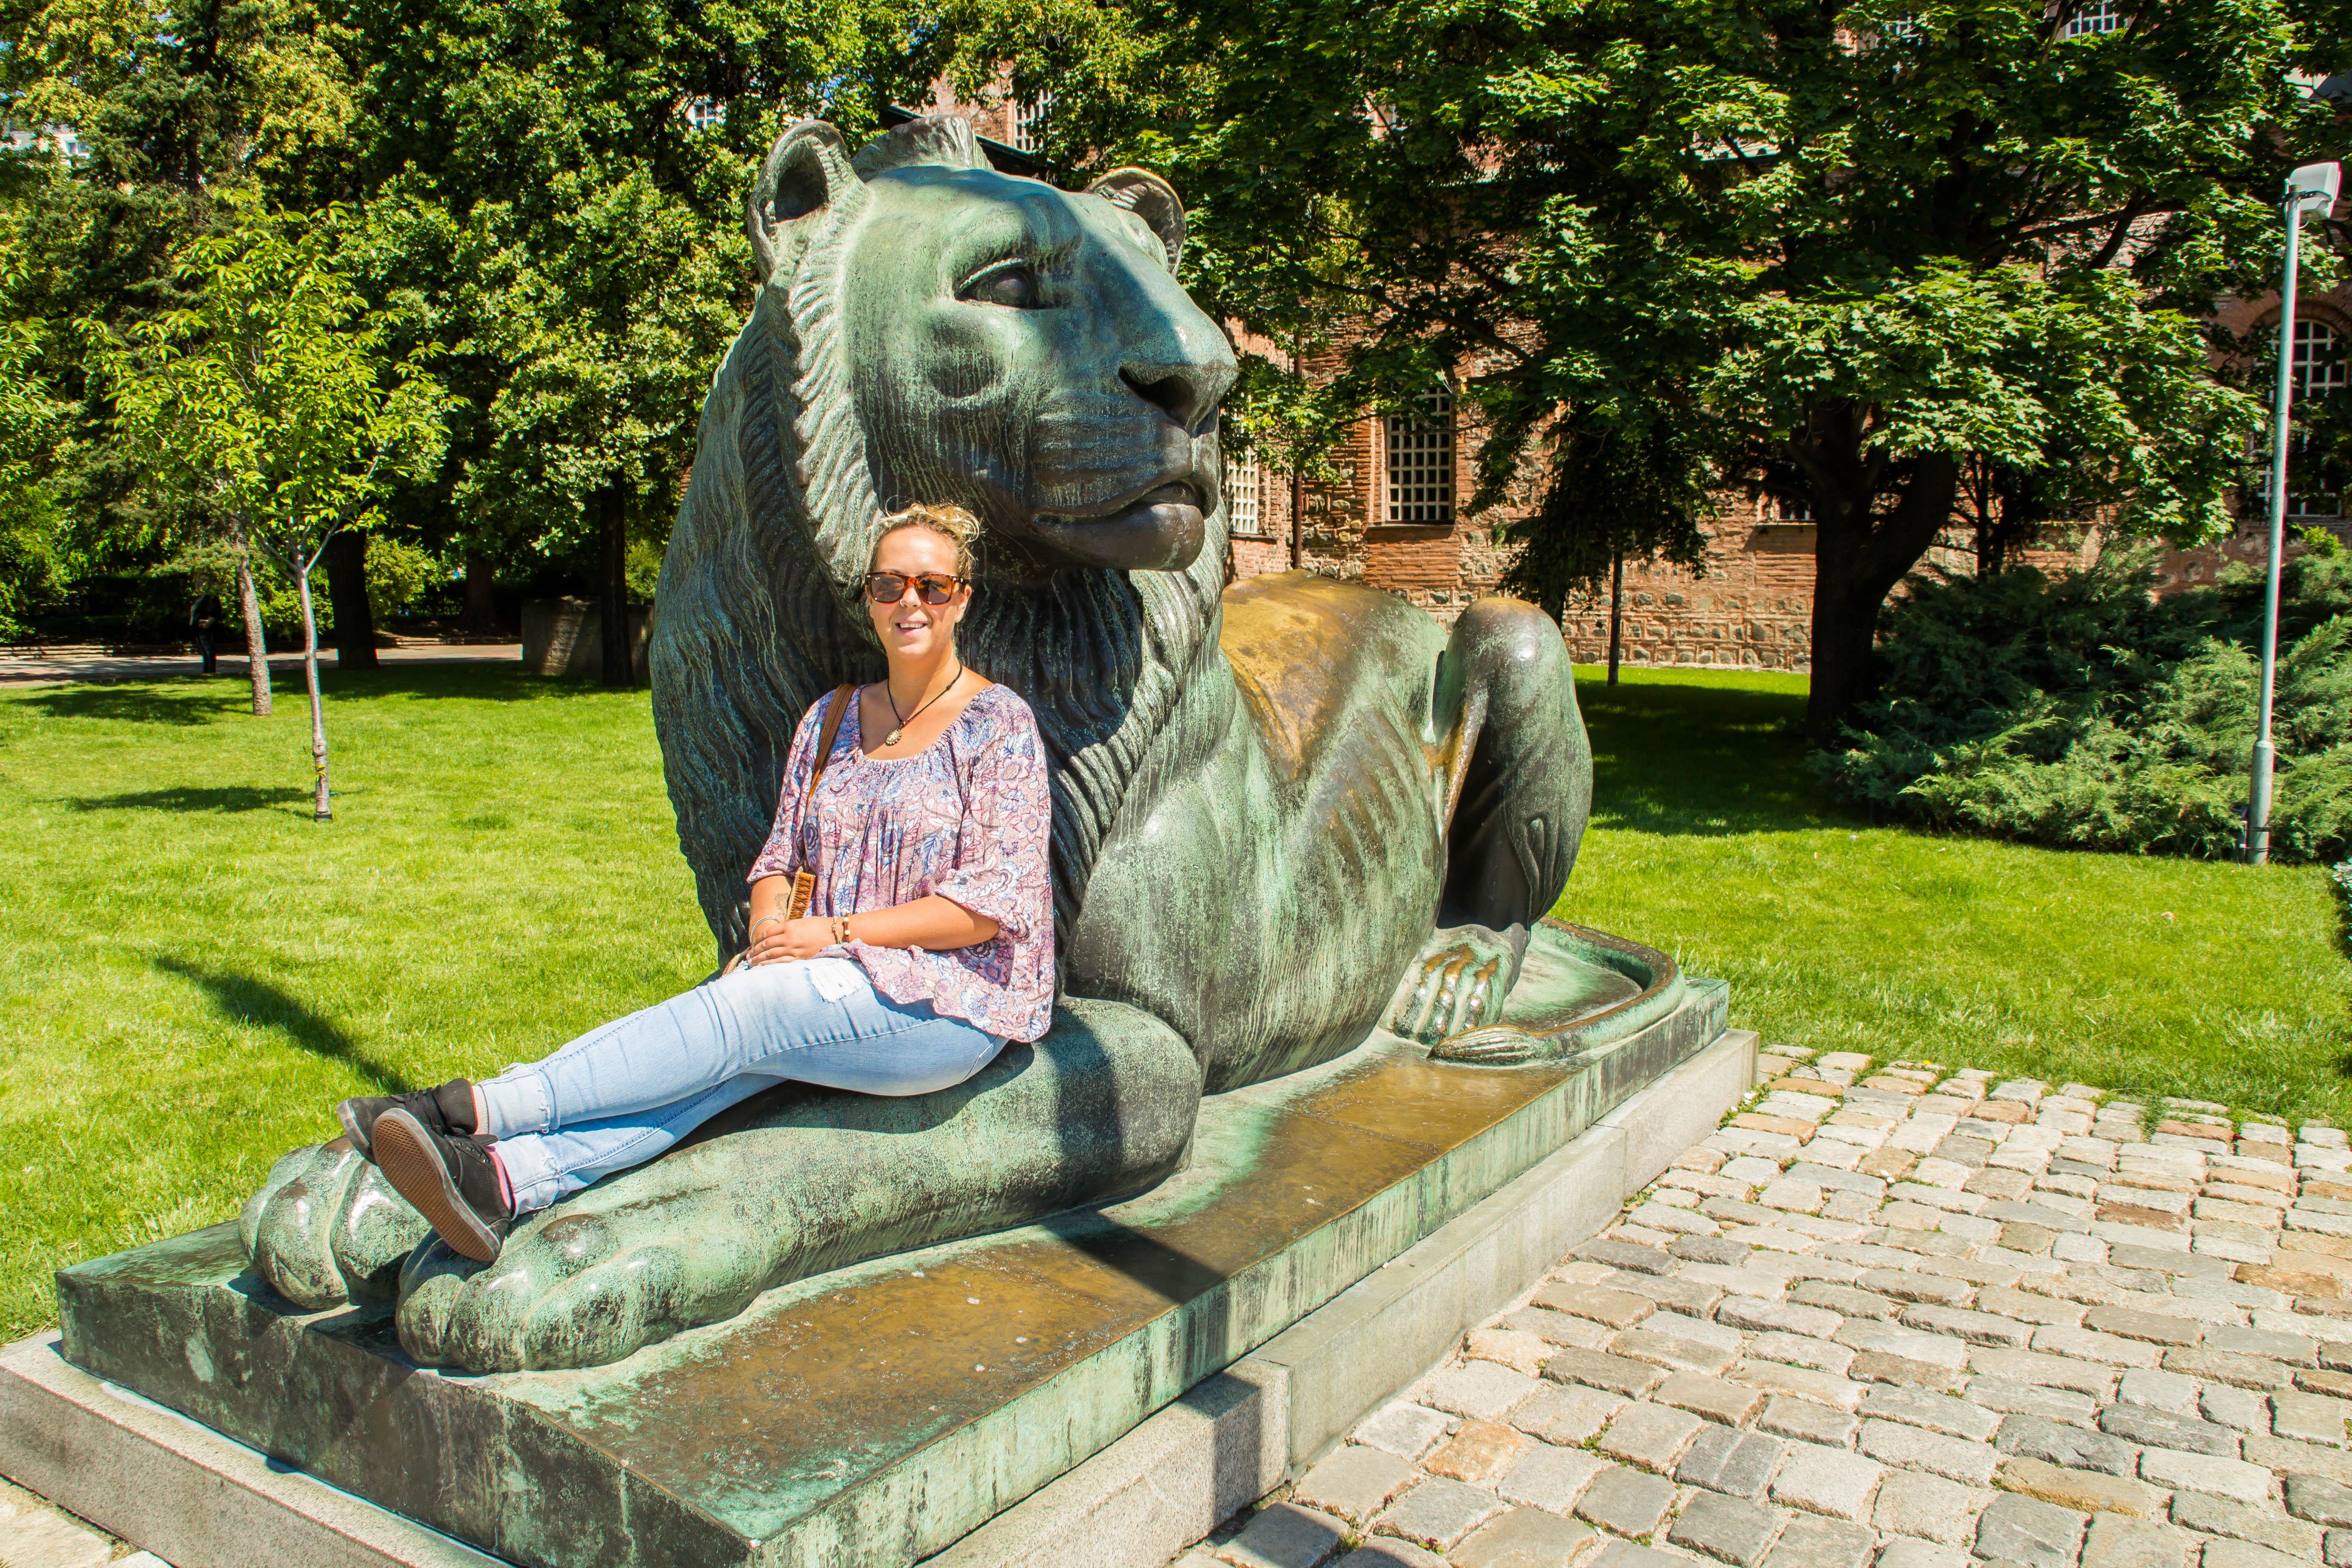 """Staden Sofia älskar lejon. Den bulgariska valutan heter """"Lev"""" vilket betyder just lejon. Bulgarerna ser sig själva som starka och modiga och därför har lejonet blivit en symbol. Överallt i staden hittar du stora lejonstatyer eller symboler."""